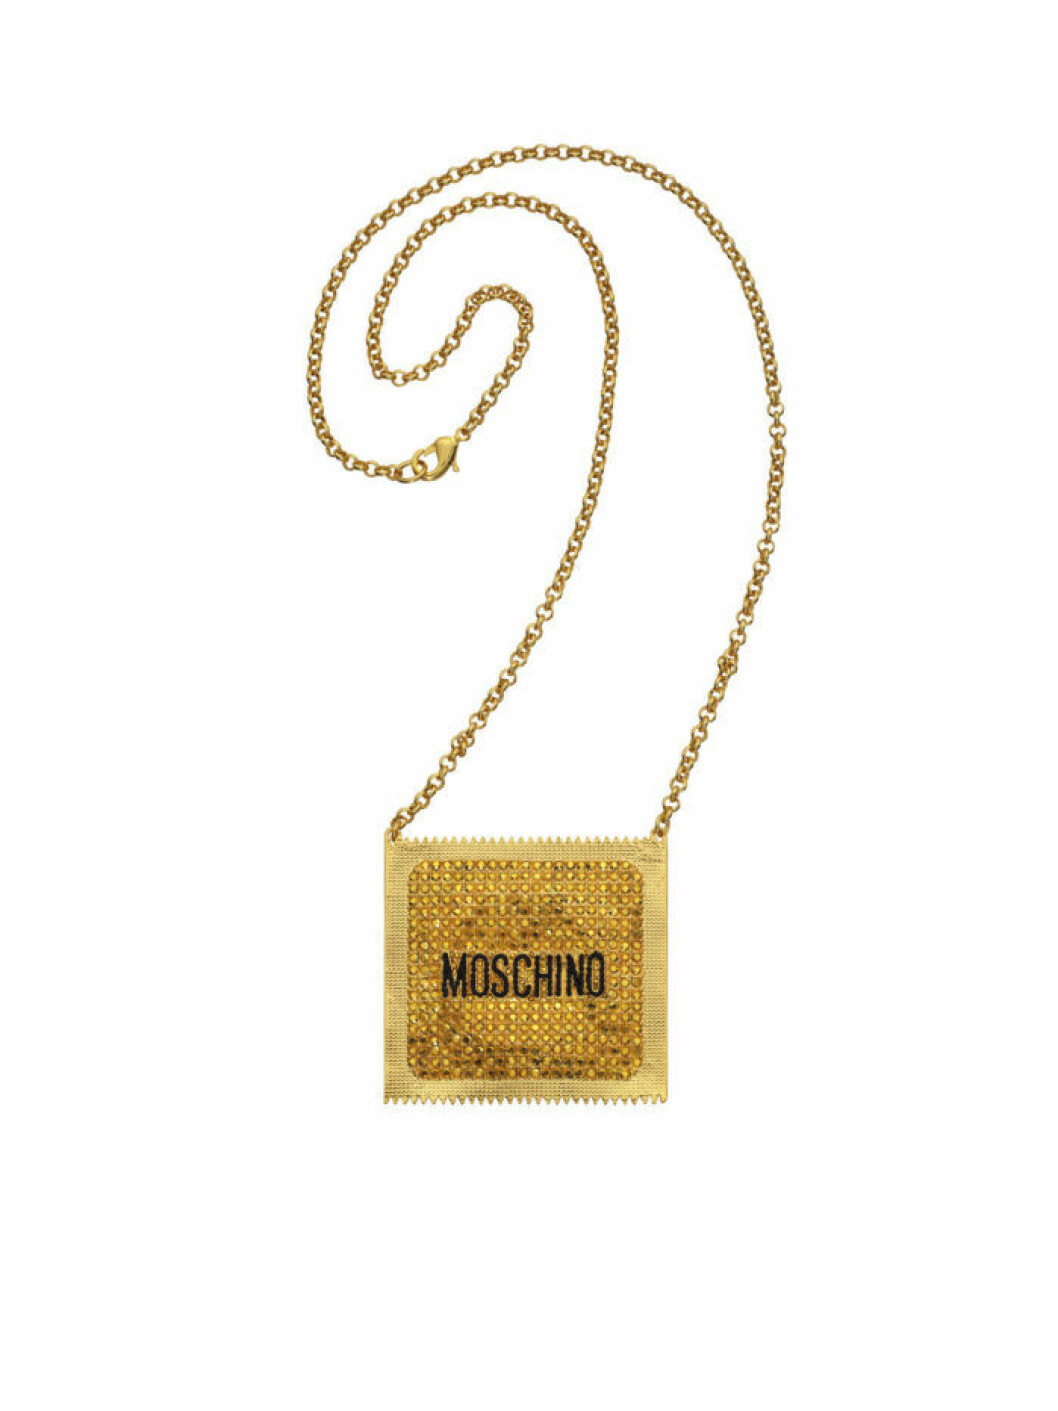 Guldigt halsband med hänge i form av kondompaket Moschino [tv] H&M